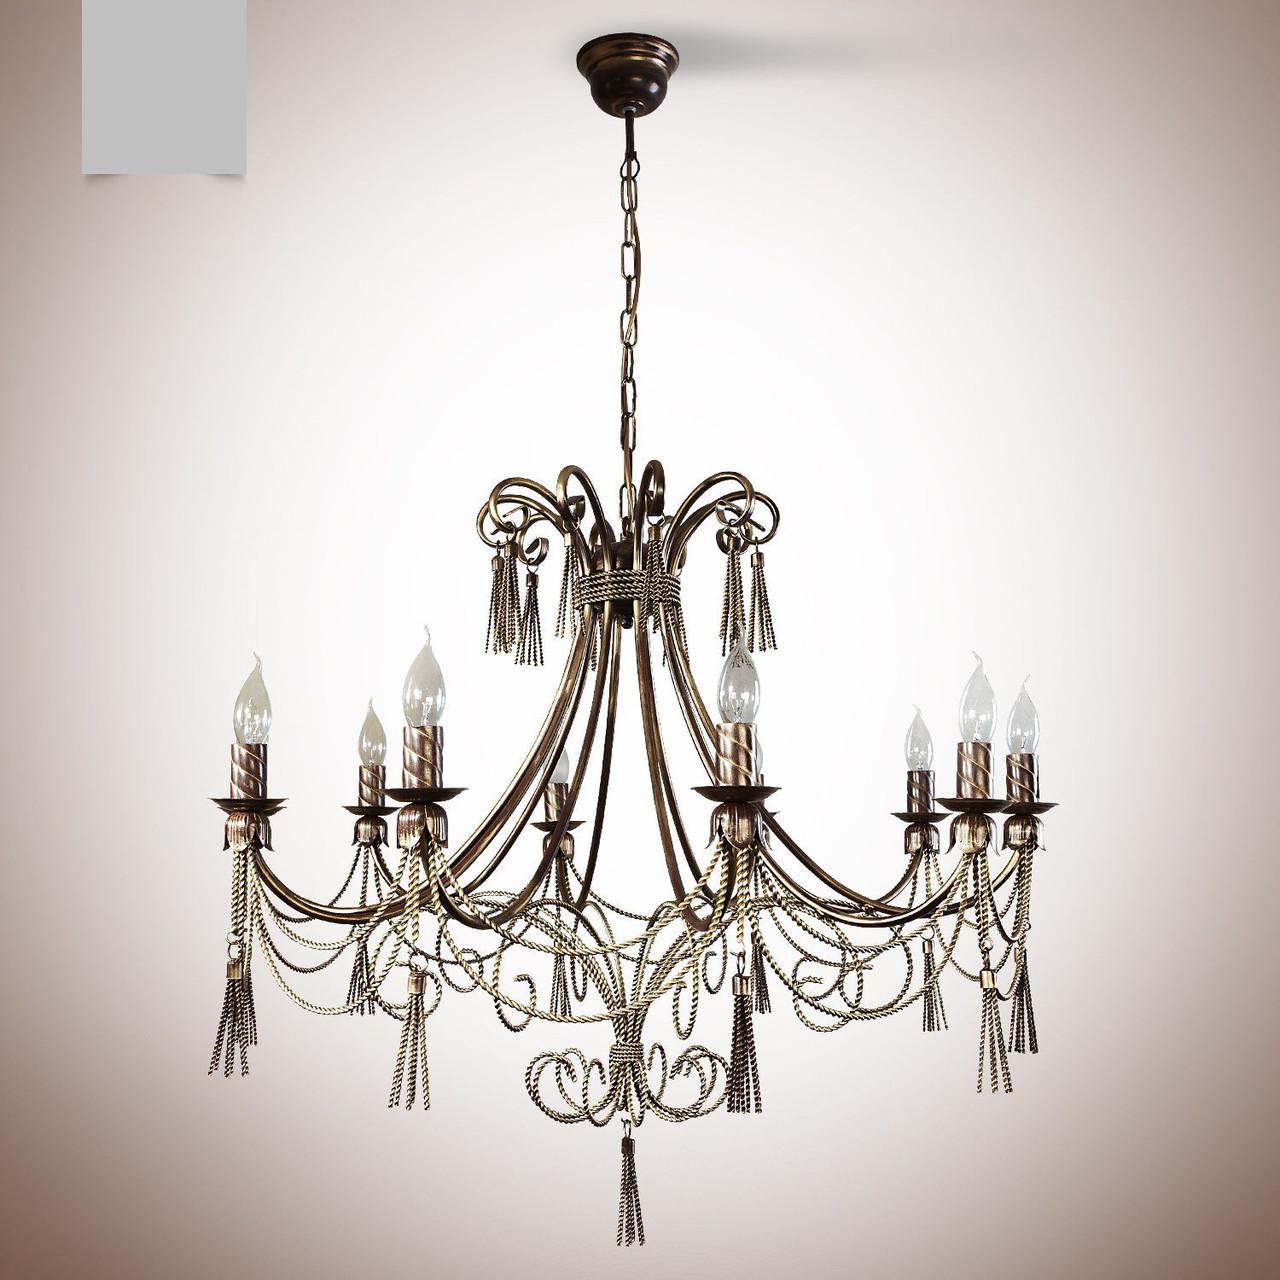 Люстра классическая со свечами в большую комнату 1310-1